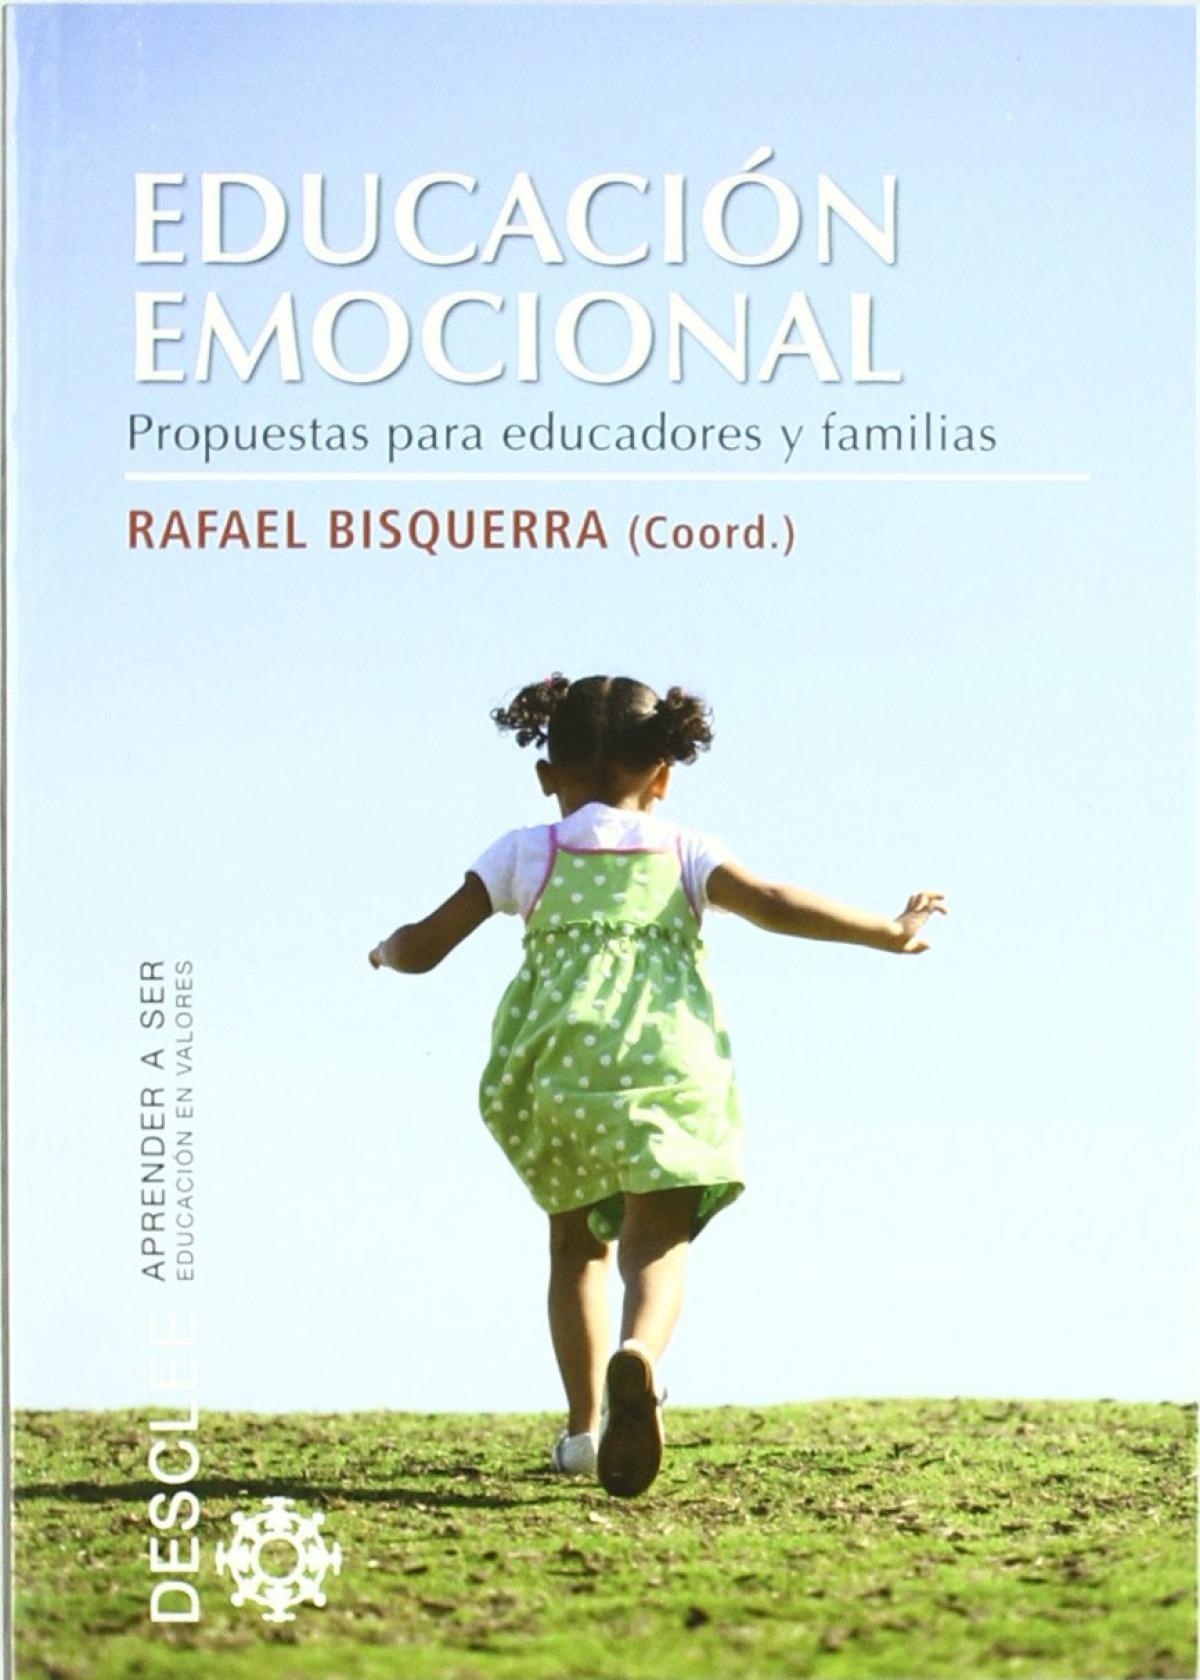 Educación emocional 9788433025104